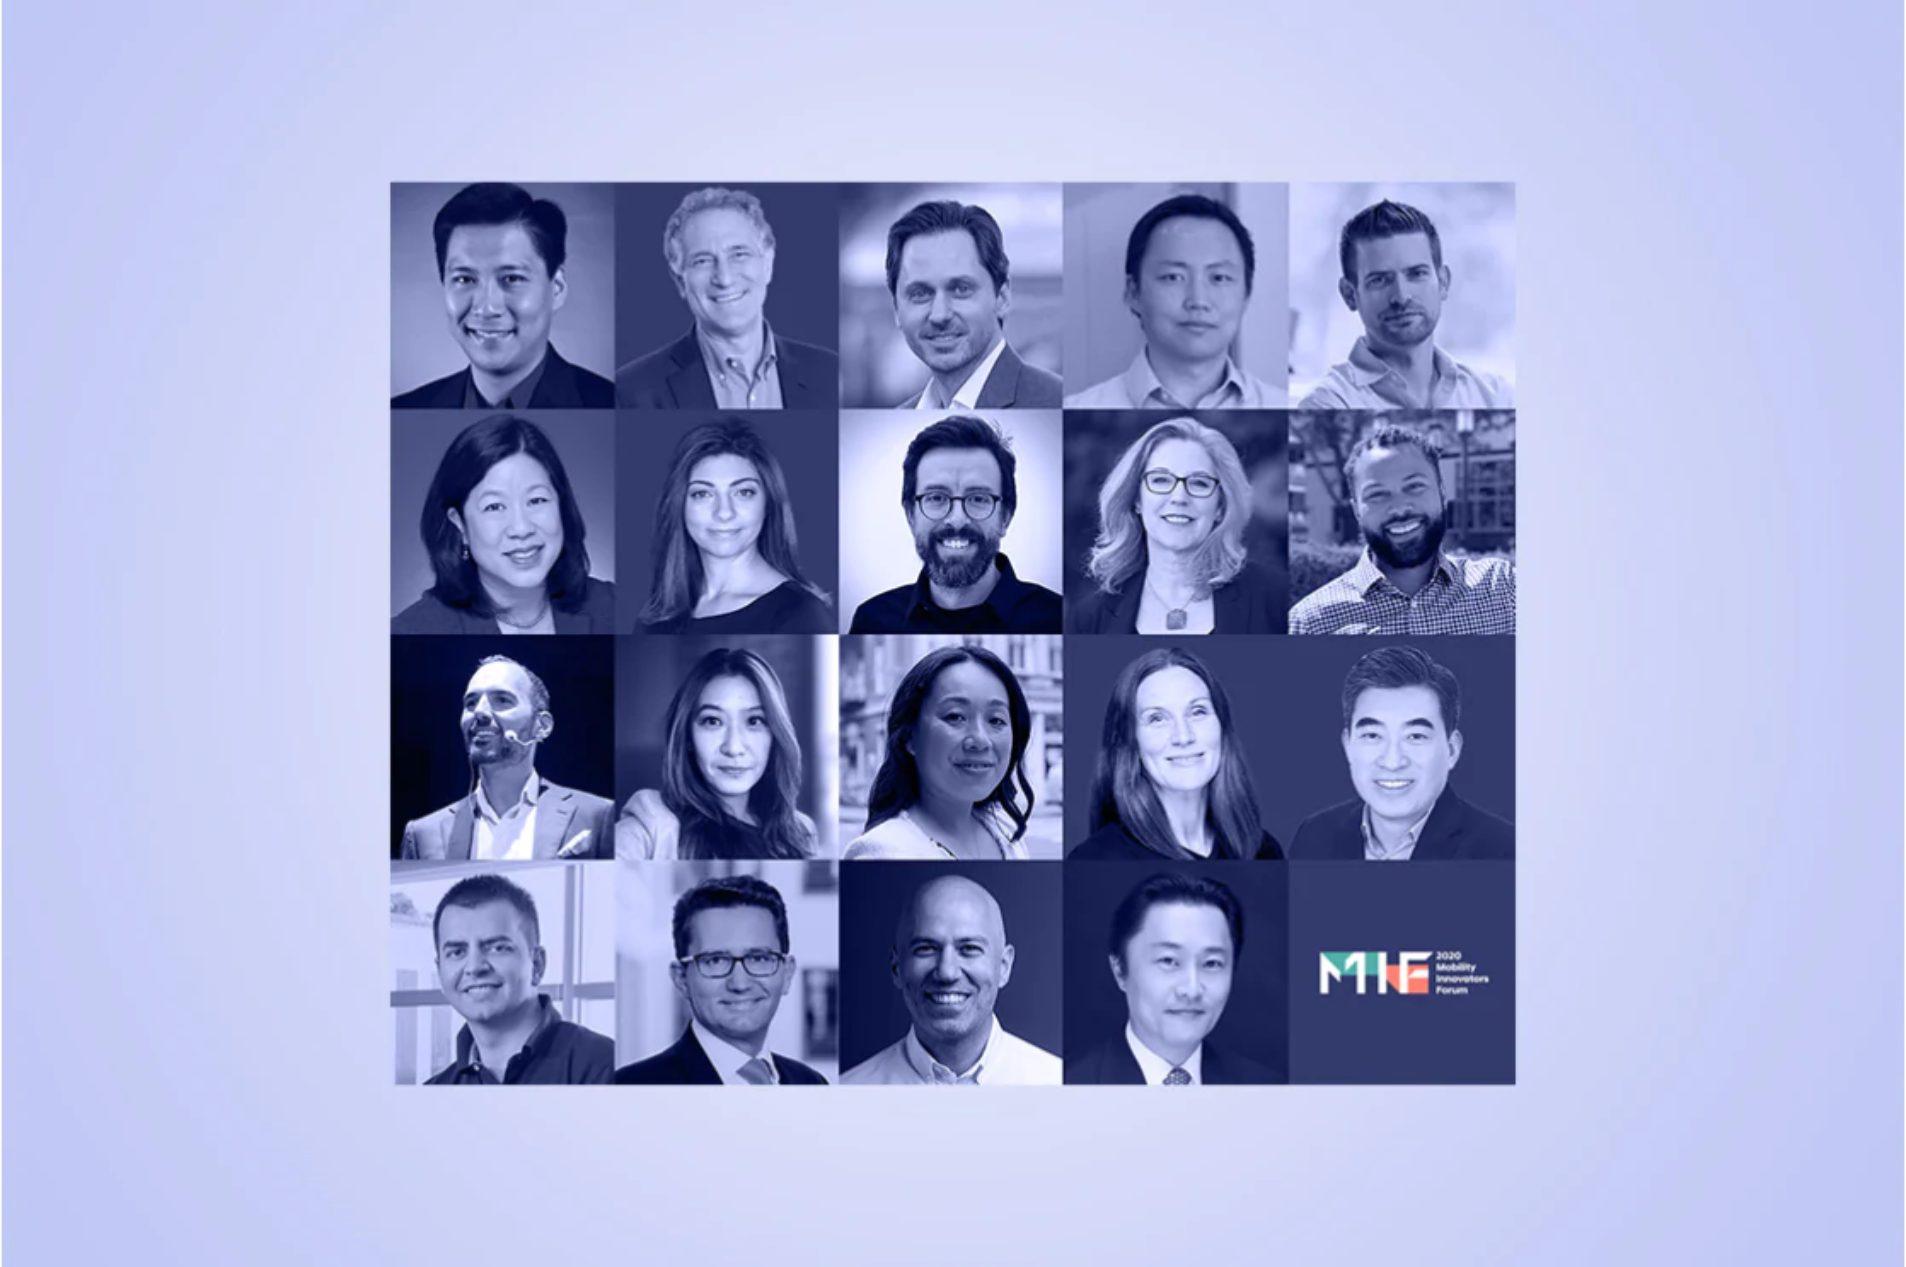 mif-2020-futuro-da-modalidade